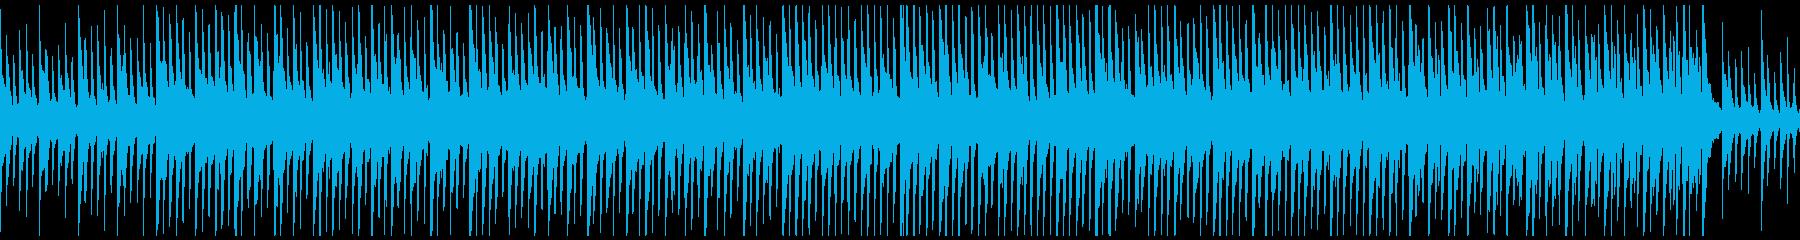 神秘的・不思議で安心な空間のBGMの再生済みの波形